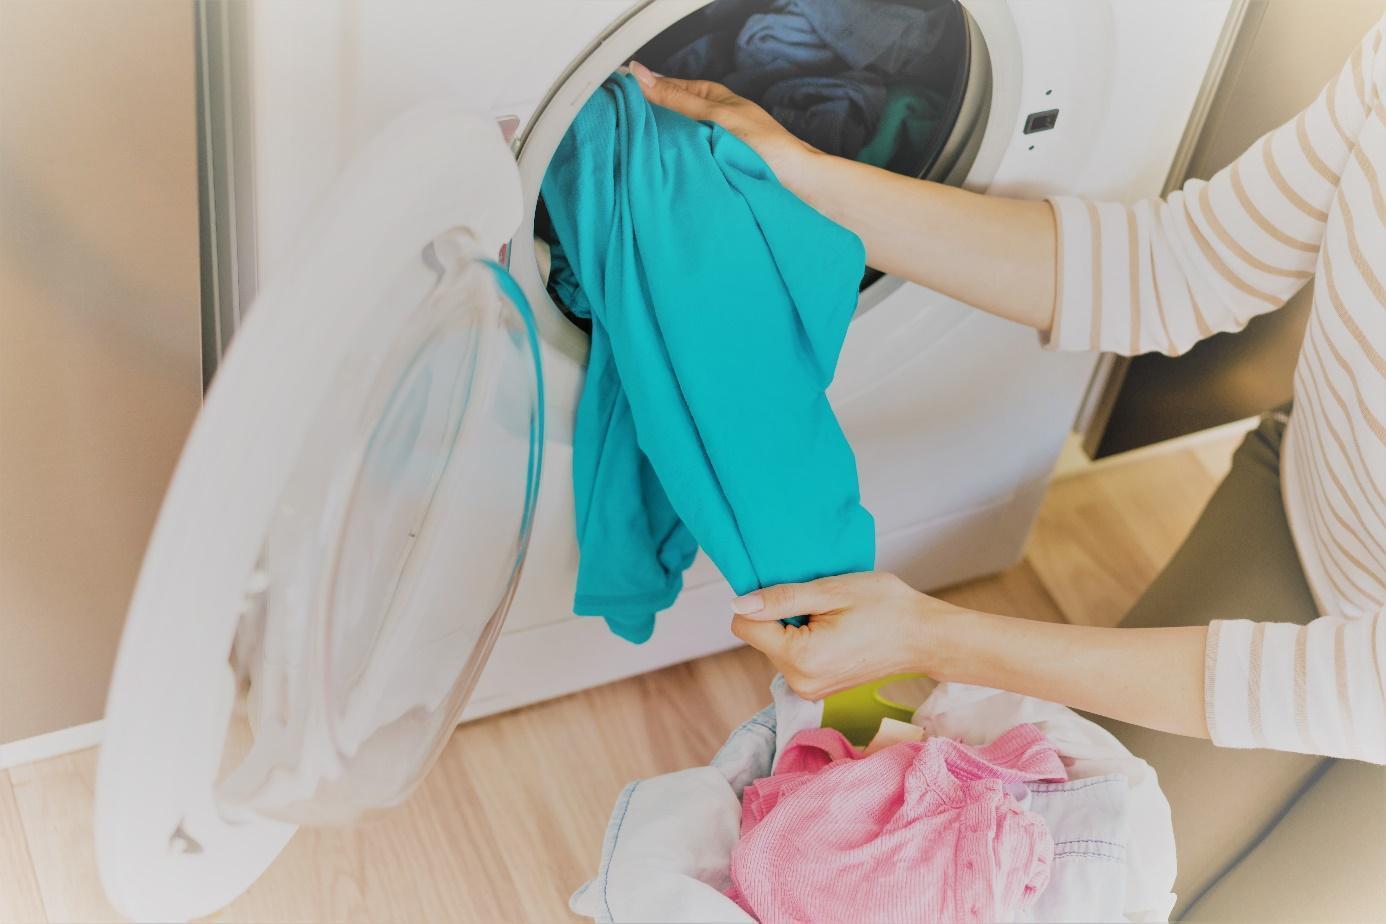 C:\Users\Julcsi\Documents\LIFE\tisztito es mososzer tesztek\kiértékelés\képek freepik\hands-taking-laundry-out-washing-machine2.jpg